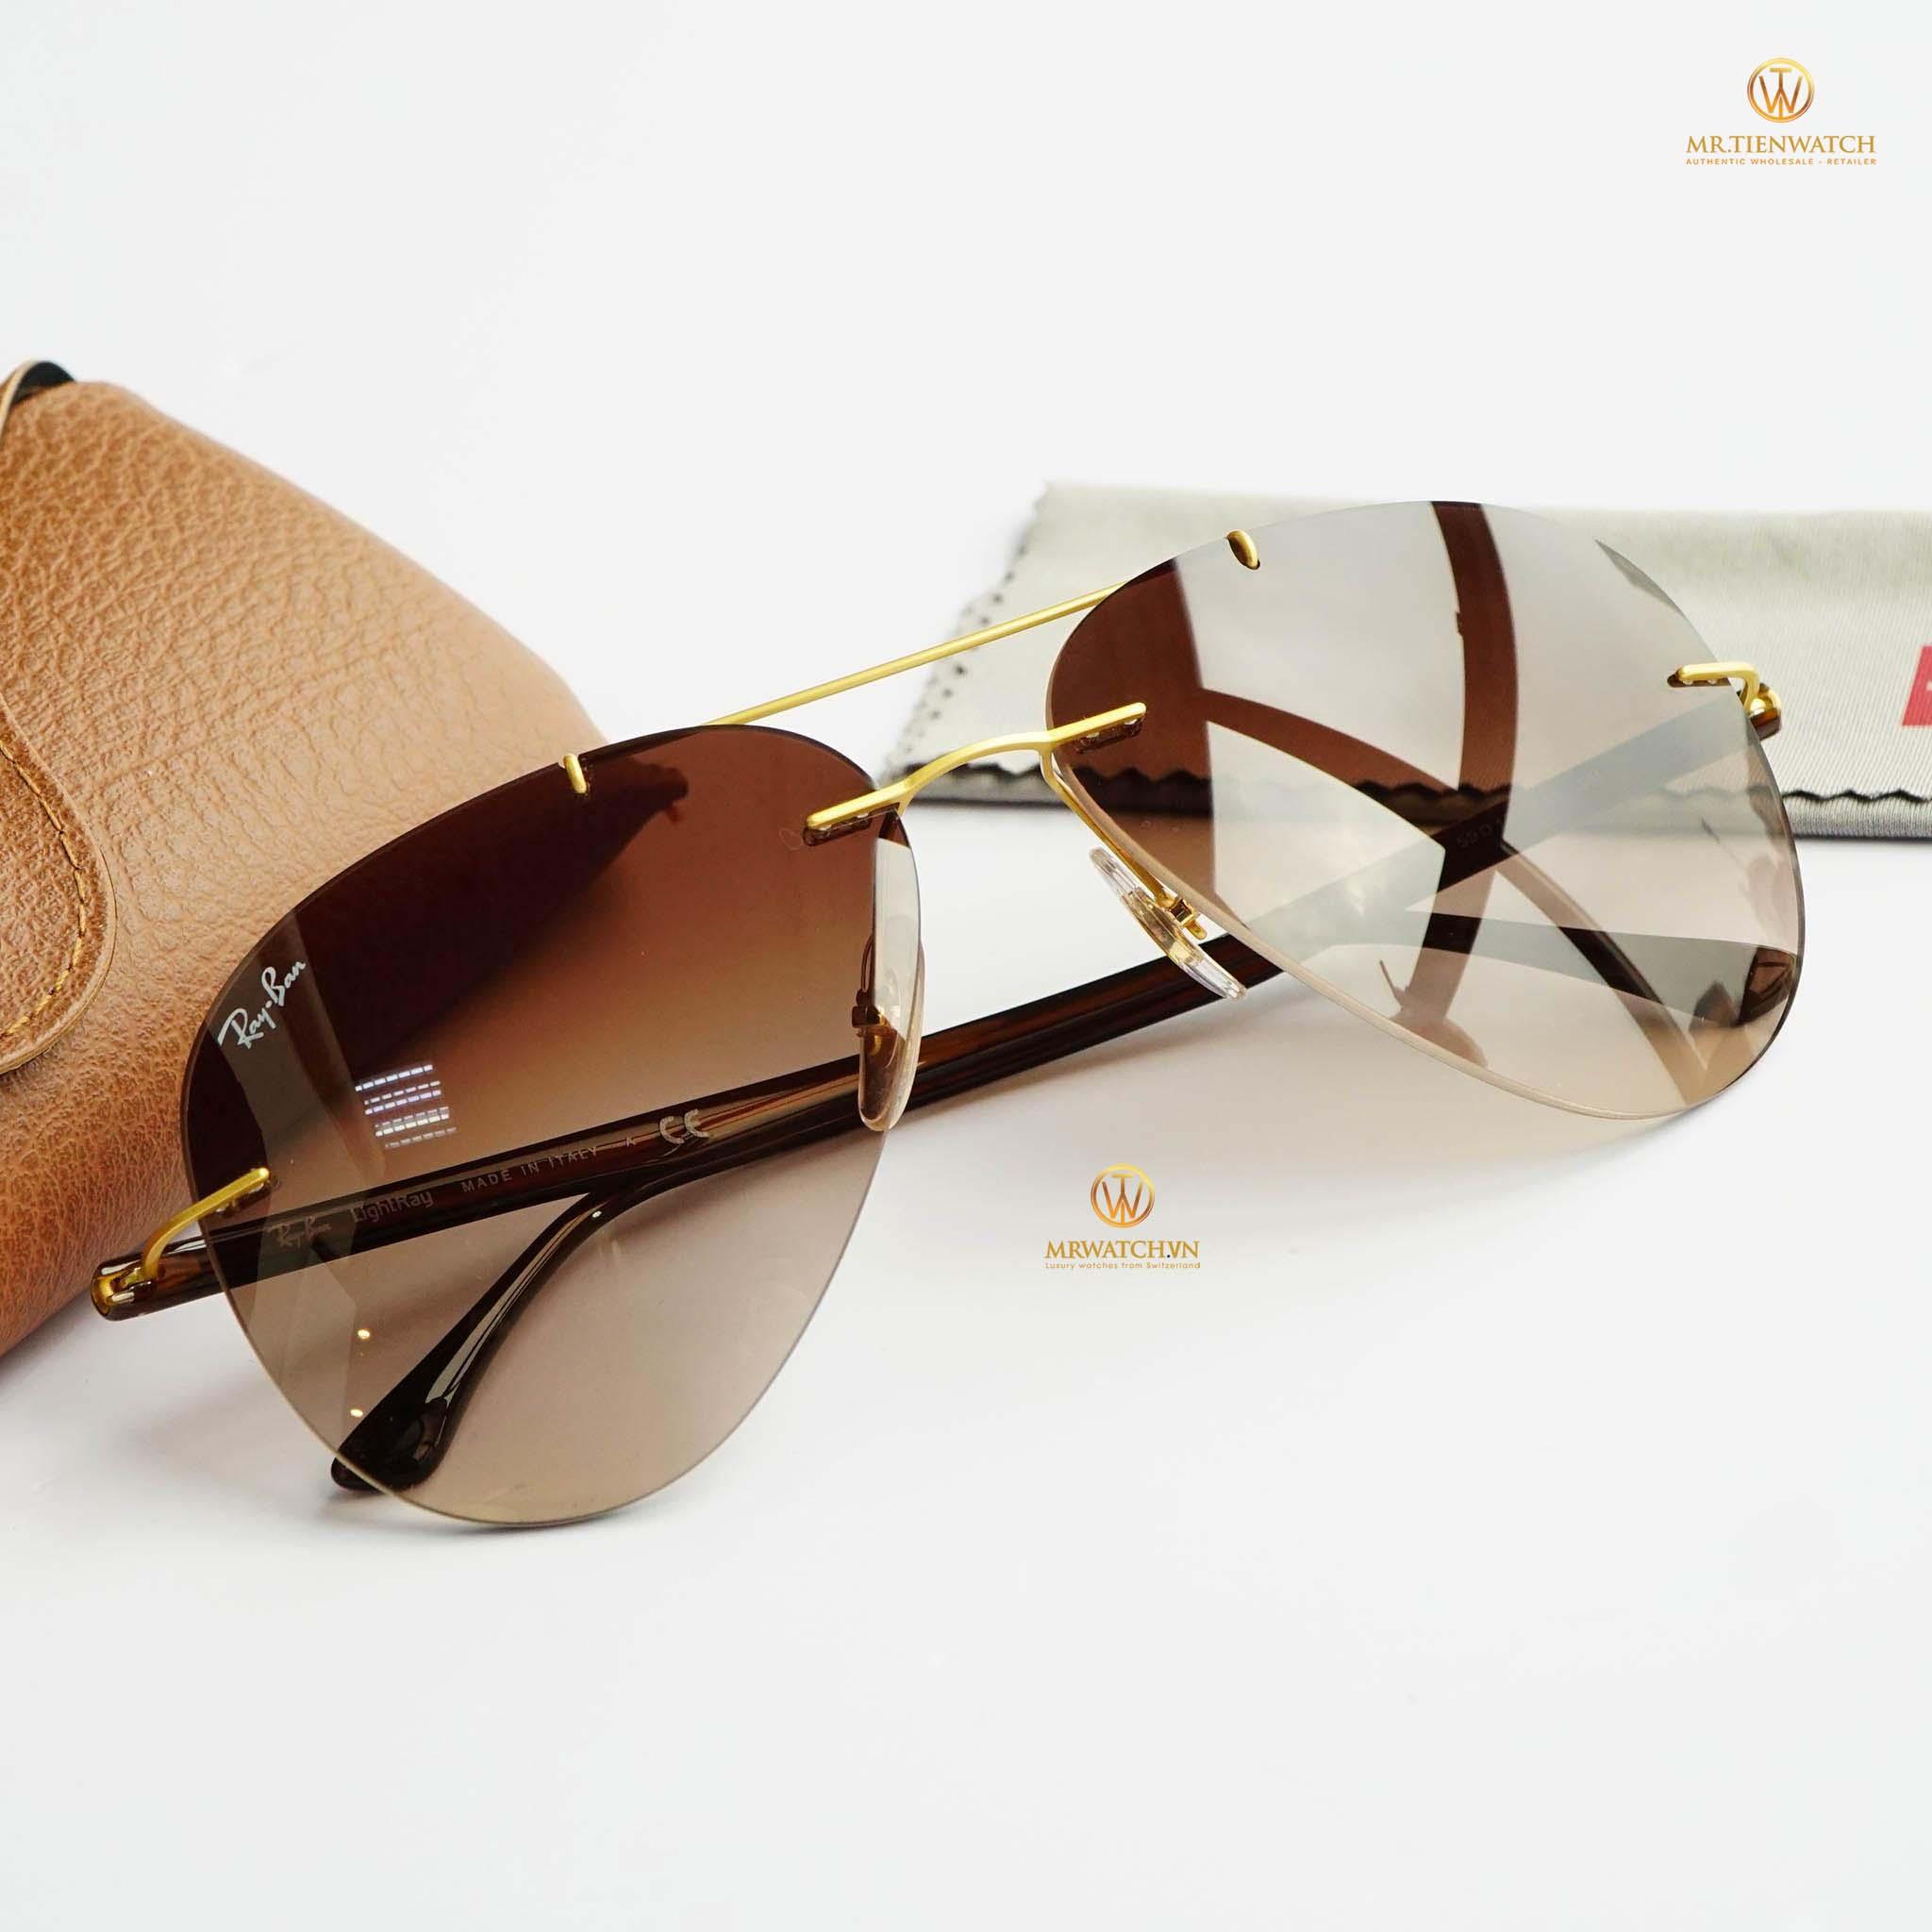 kính mắt Ray-Ban 8058 Titanium Gold Brown Gradient 157/13 size 59 chính hãng